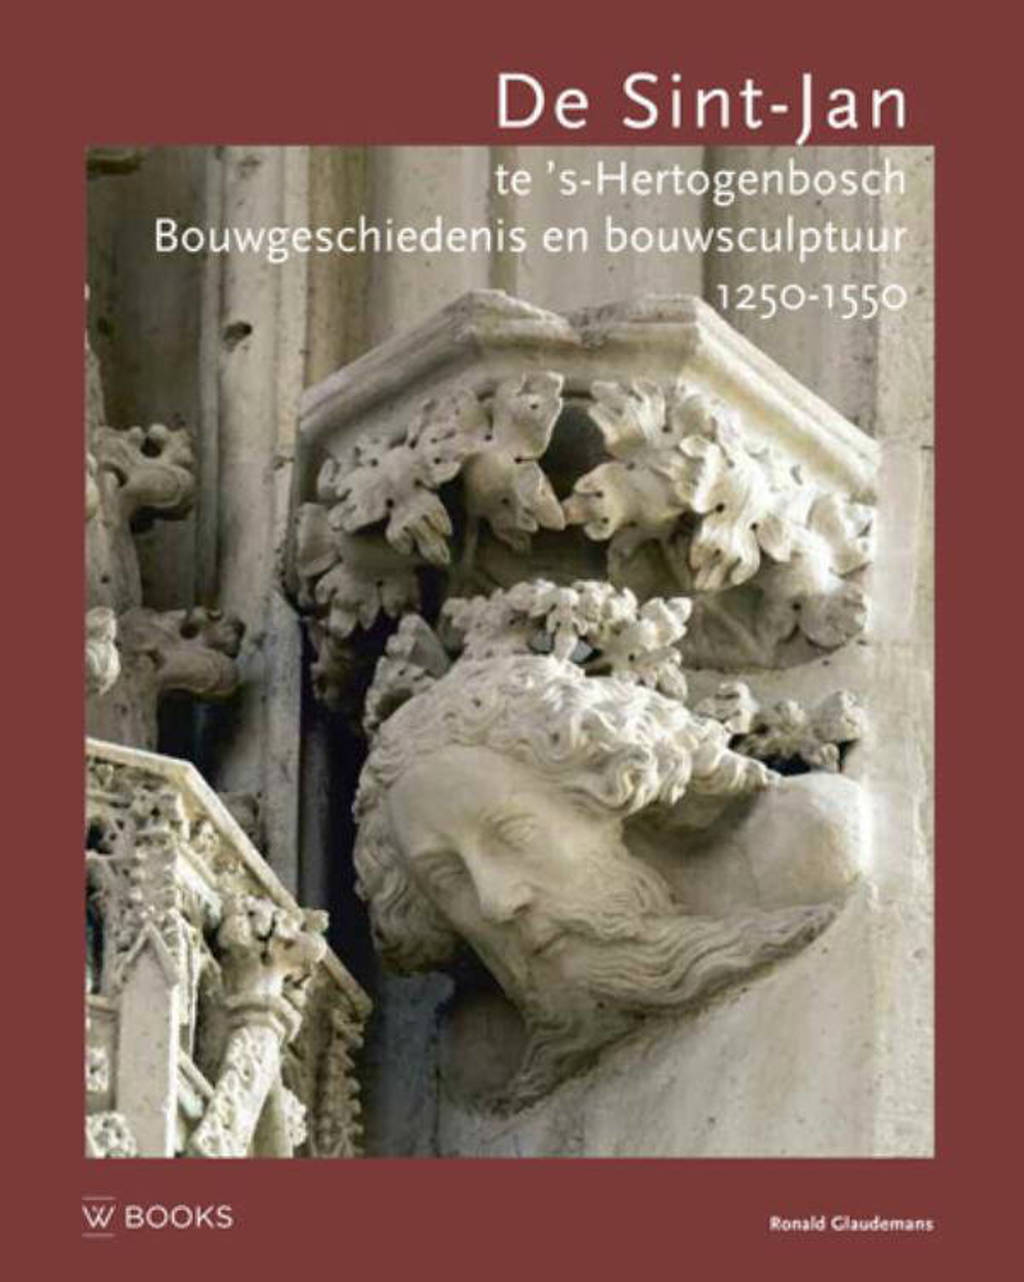 Bouwsculptuur: De Sint-Jan te s'Hertogenbosch - Ronald Glaudemans